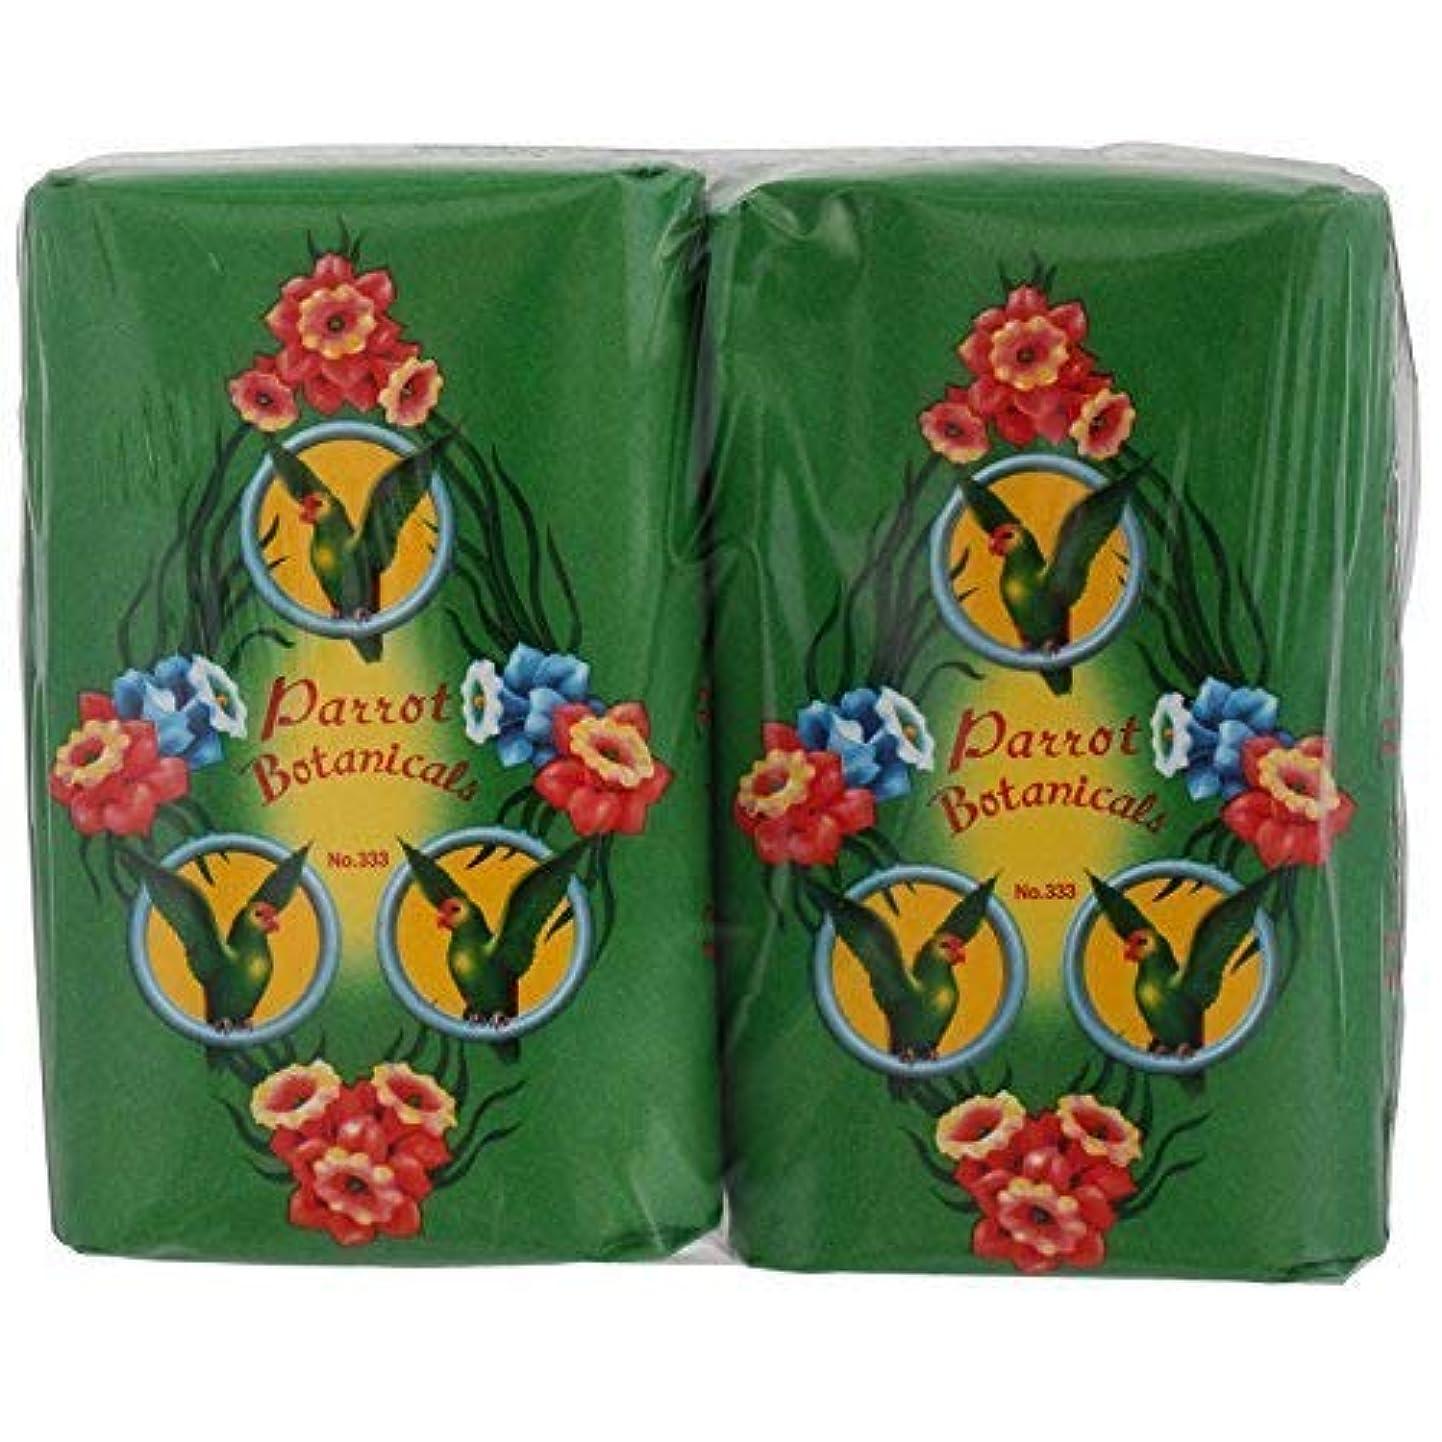 アームストロング起きる望むRose Thai Smile Shop Parrot Botanicals Soap Green Long Last Fragrance 105 G (Pack of 4) Free Shipping